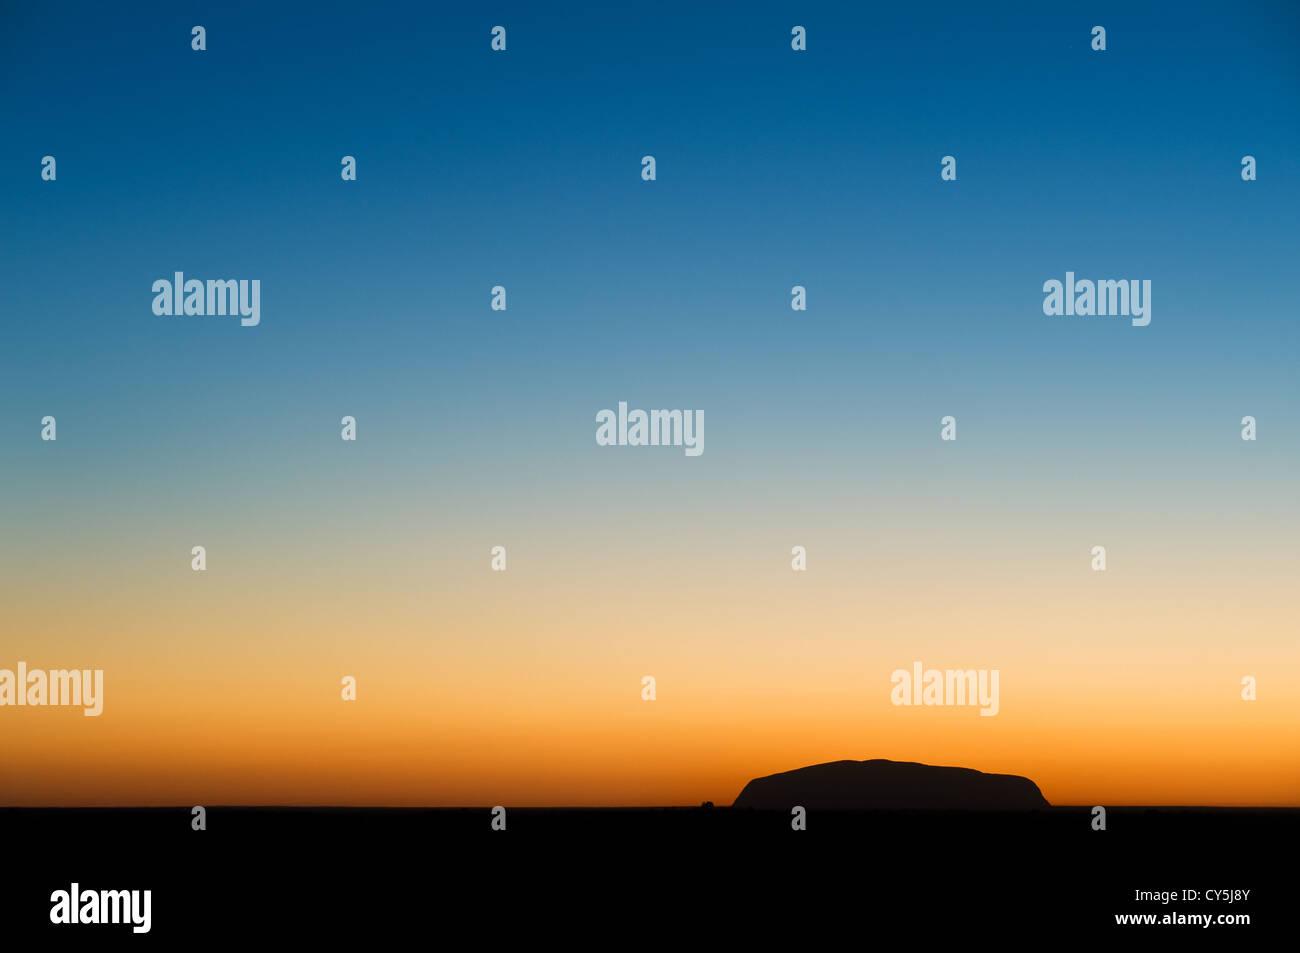 Silhouette nera di Uluru davanti a un orizzonte soleggiato. Immagini Stock